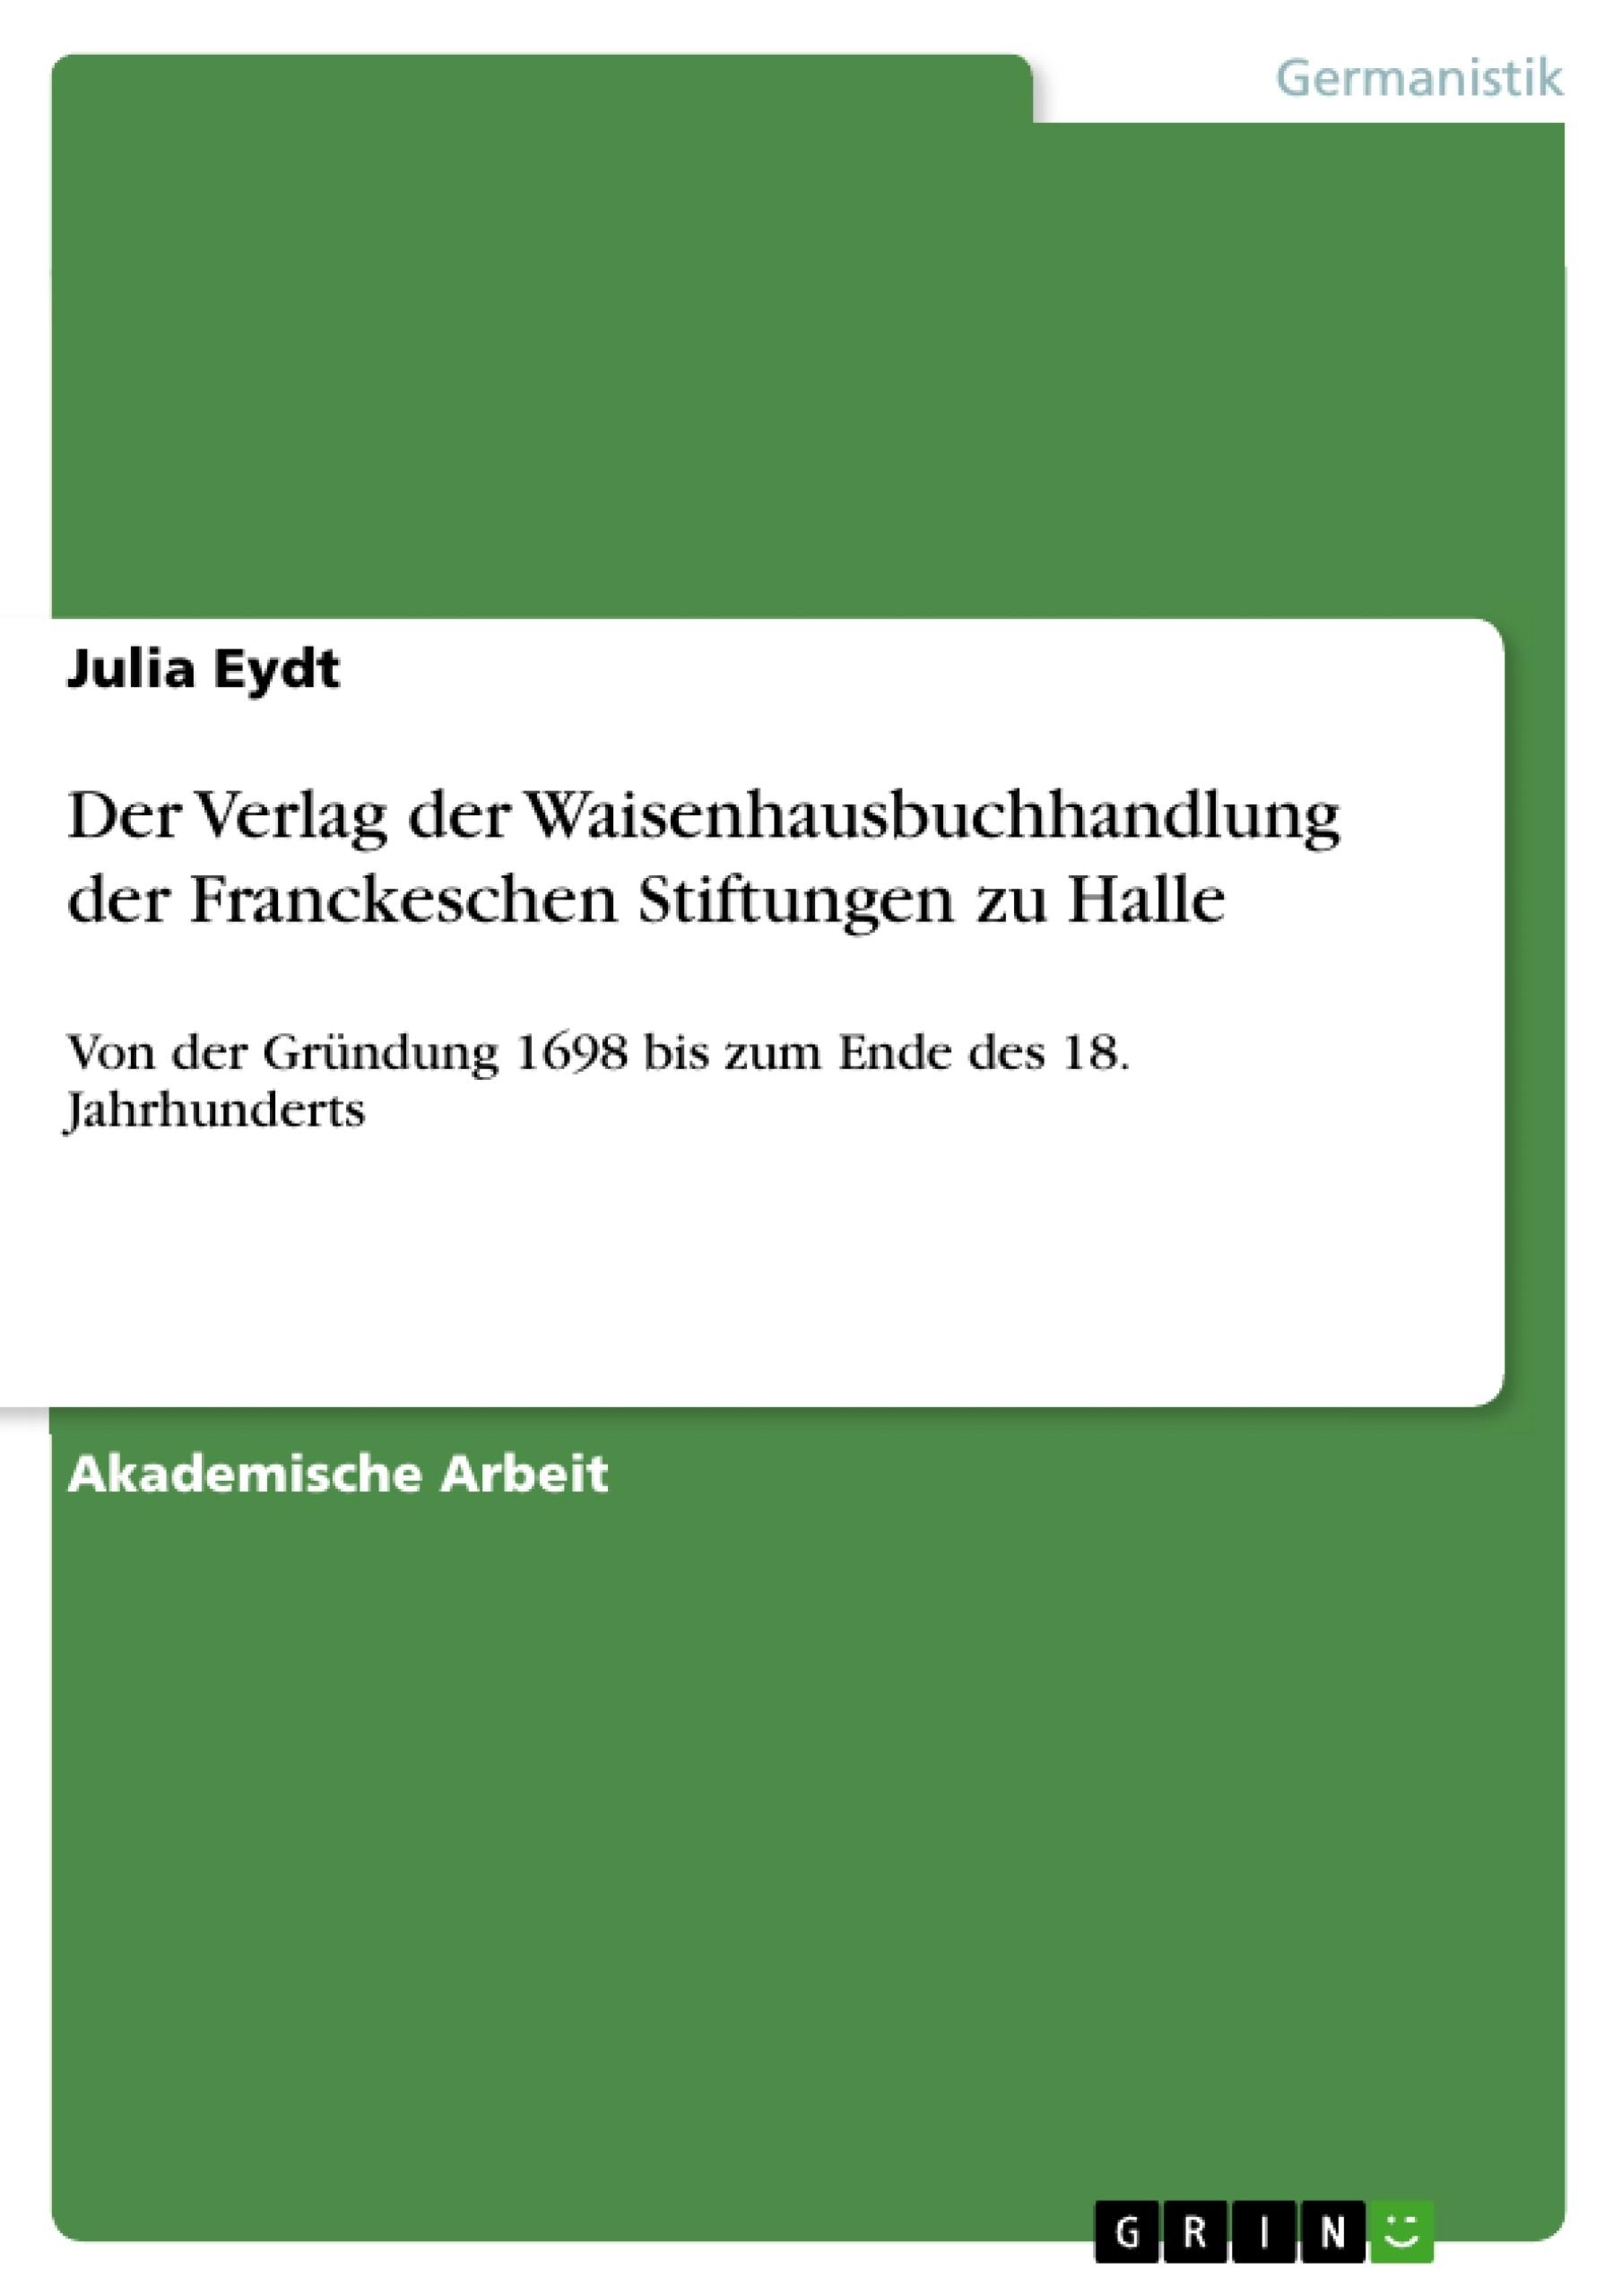 Titel: Der Verlag der Waisenhausbuchhandlung der Franckeschen Stiftungen zu Halle